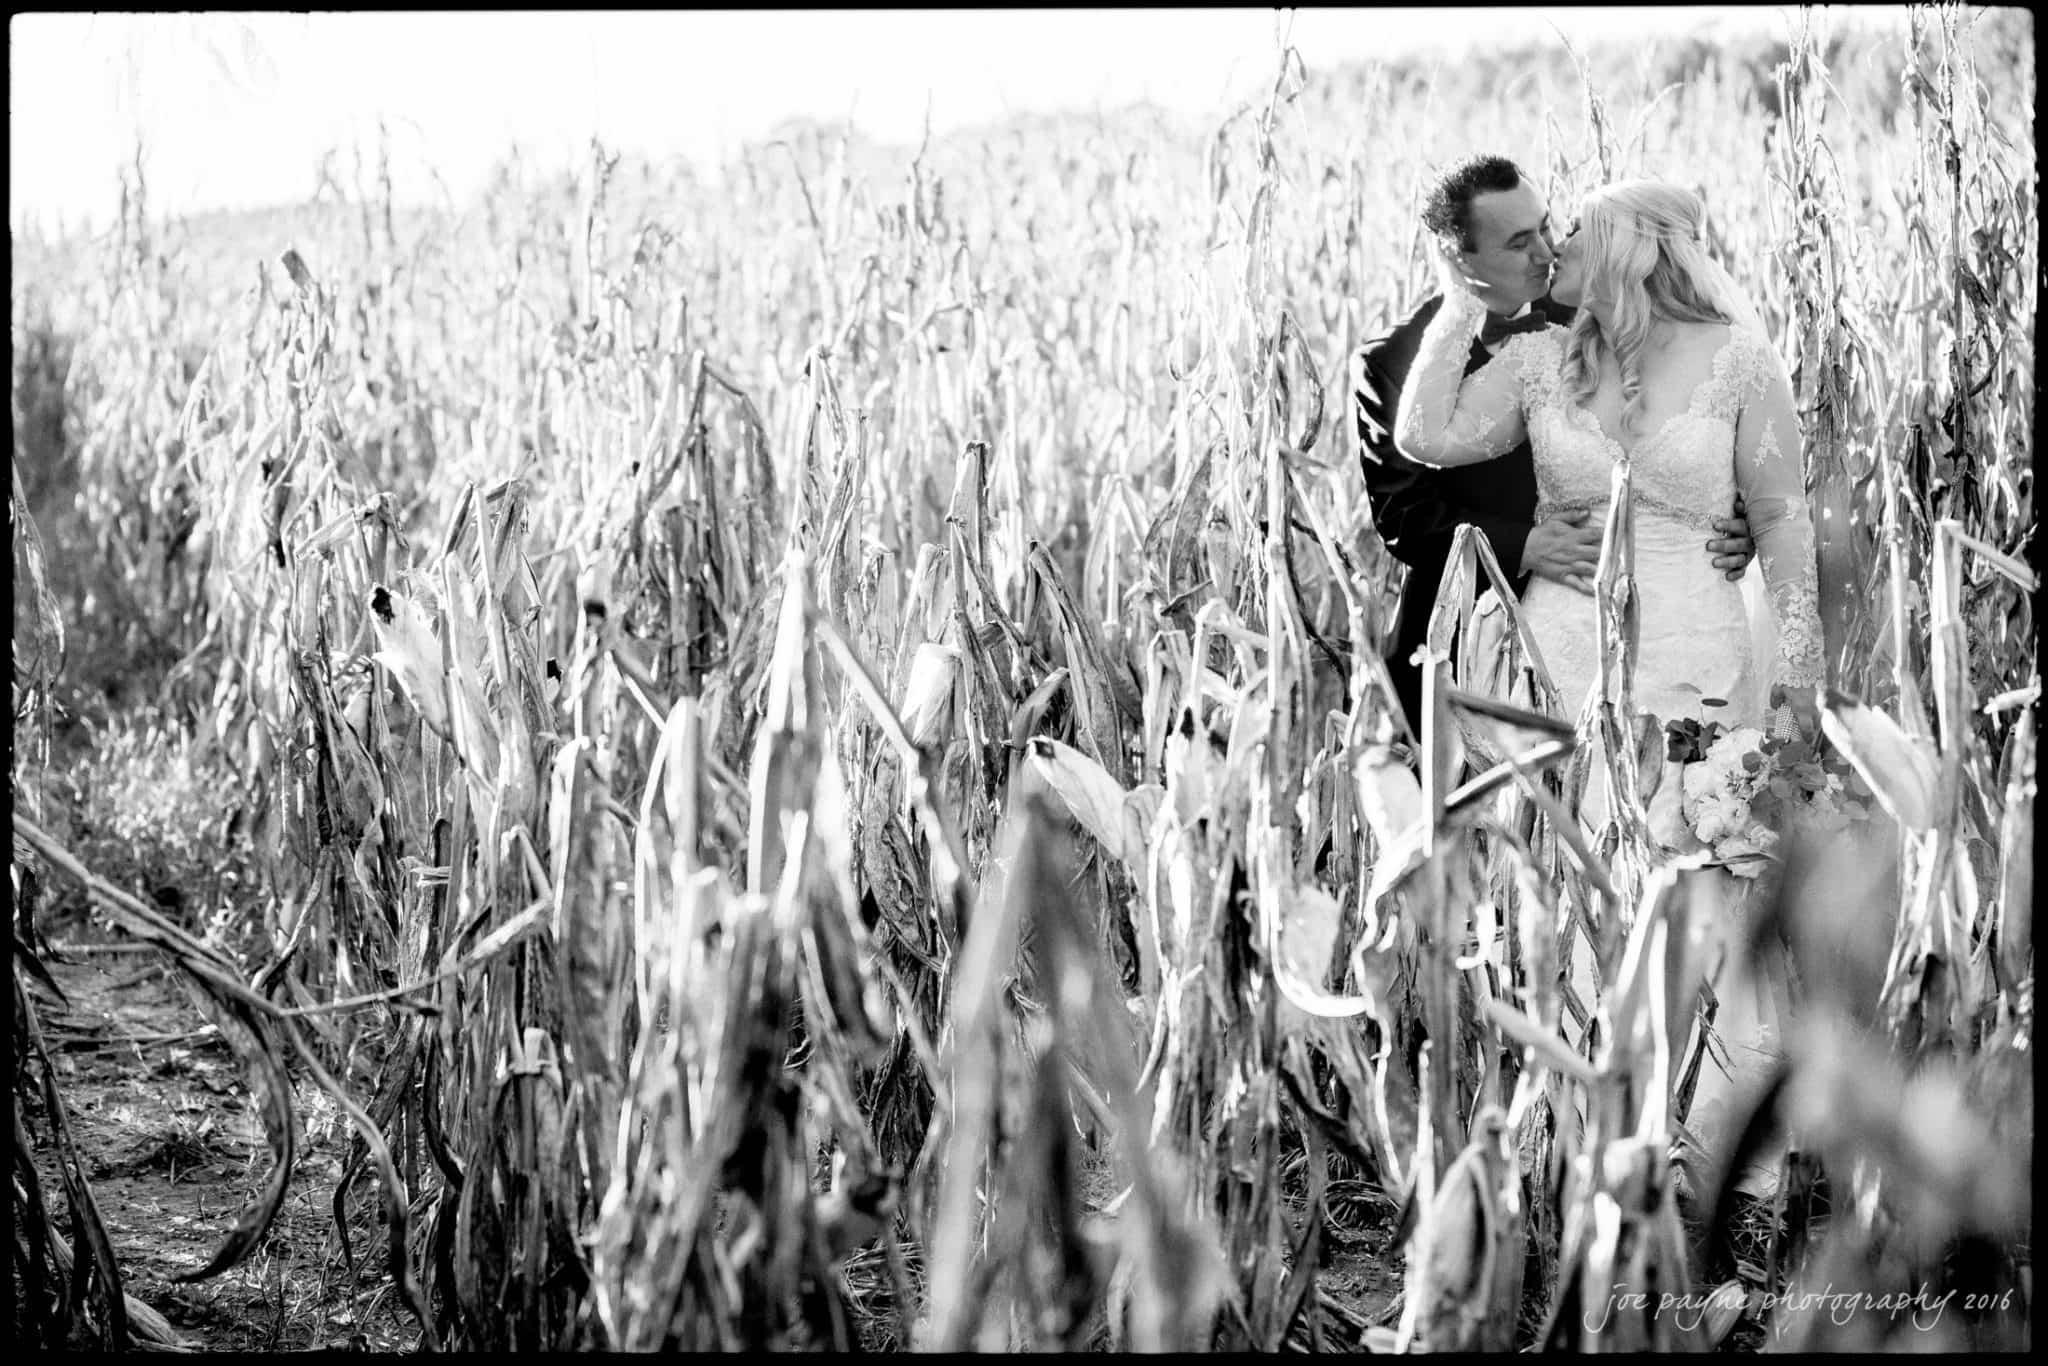 shady wagon farm wedding photography – danielle & josh